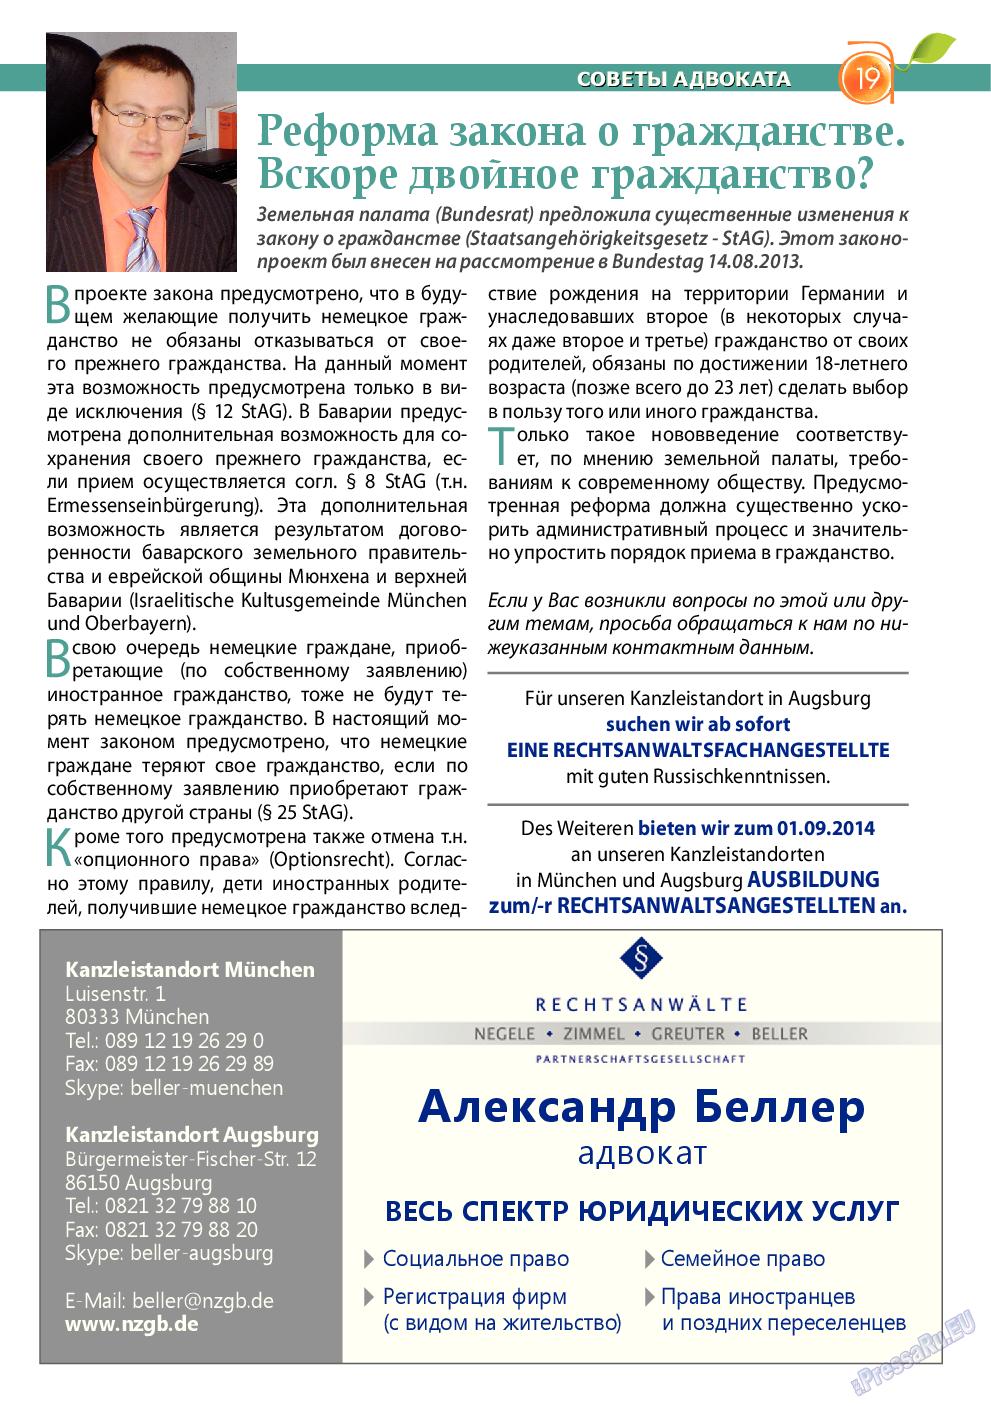 Апельсин (журнал). 2014 год, номер 63, стр. 19